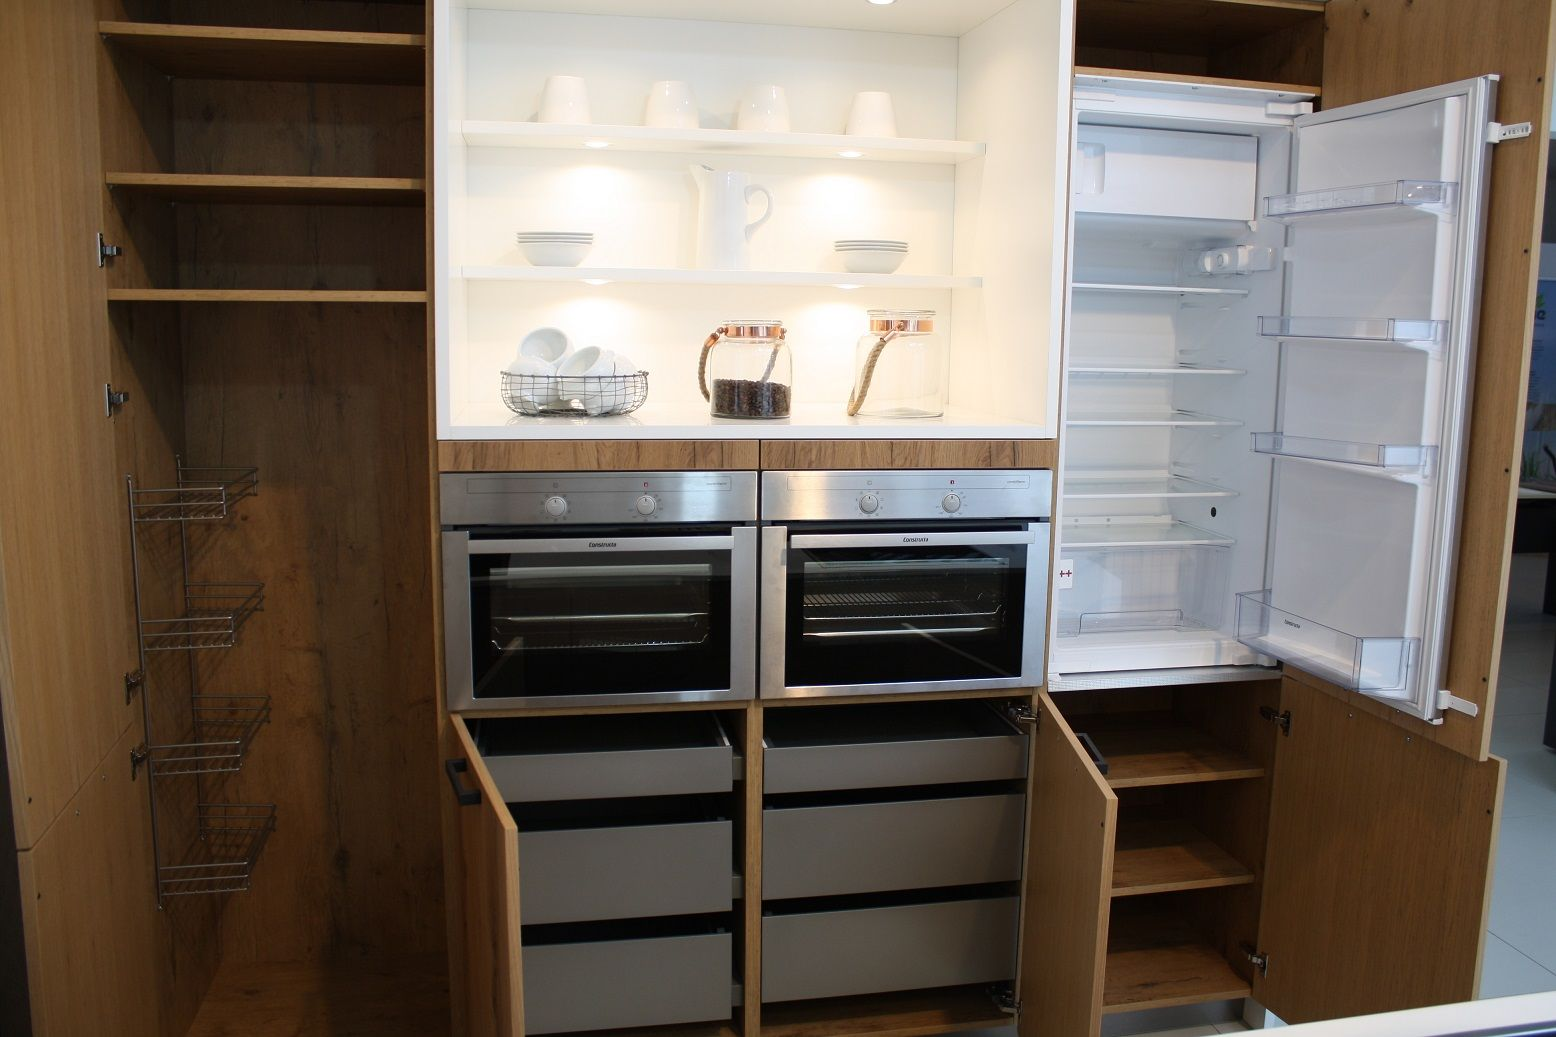 Landelijke Keuken Met Schiereiland : keukens voor zeer lage keuken prijzen Warm landelijke keuken 16.6